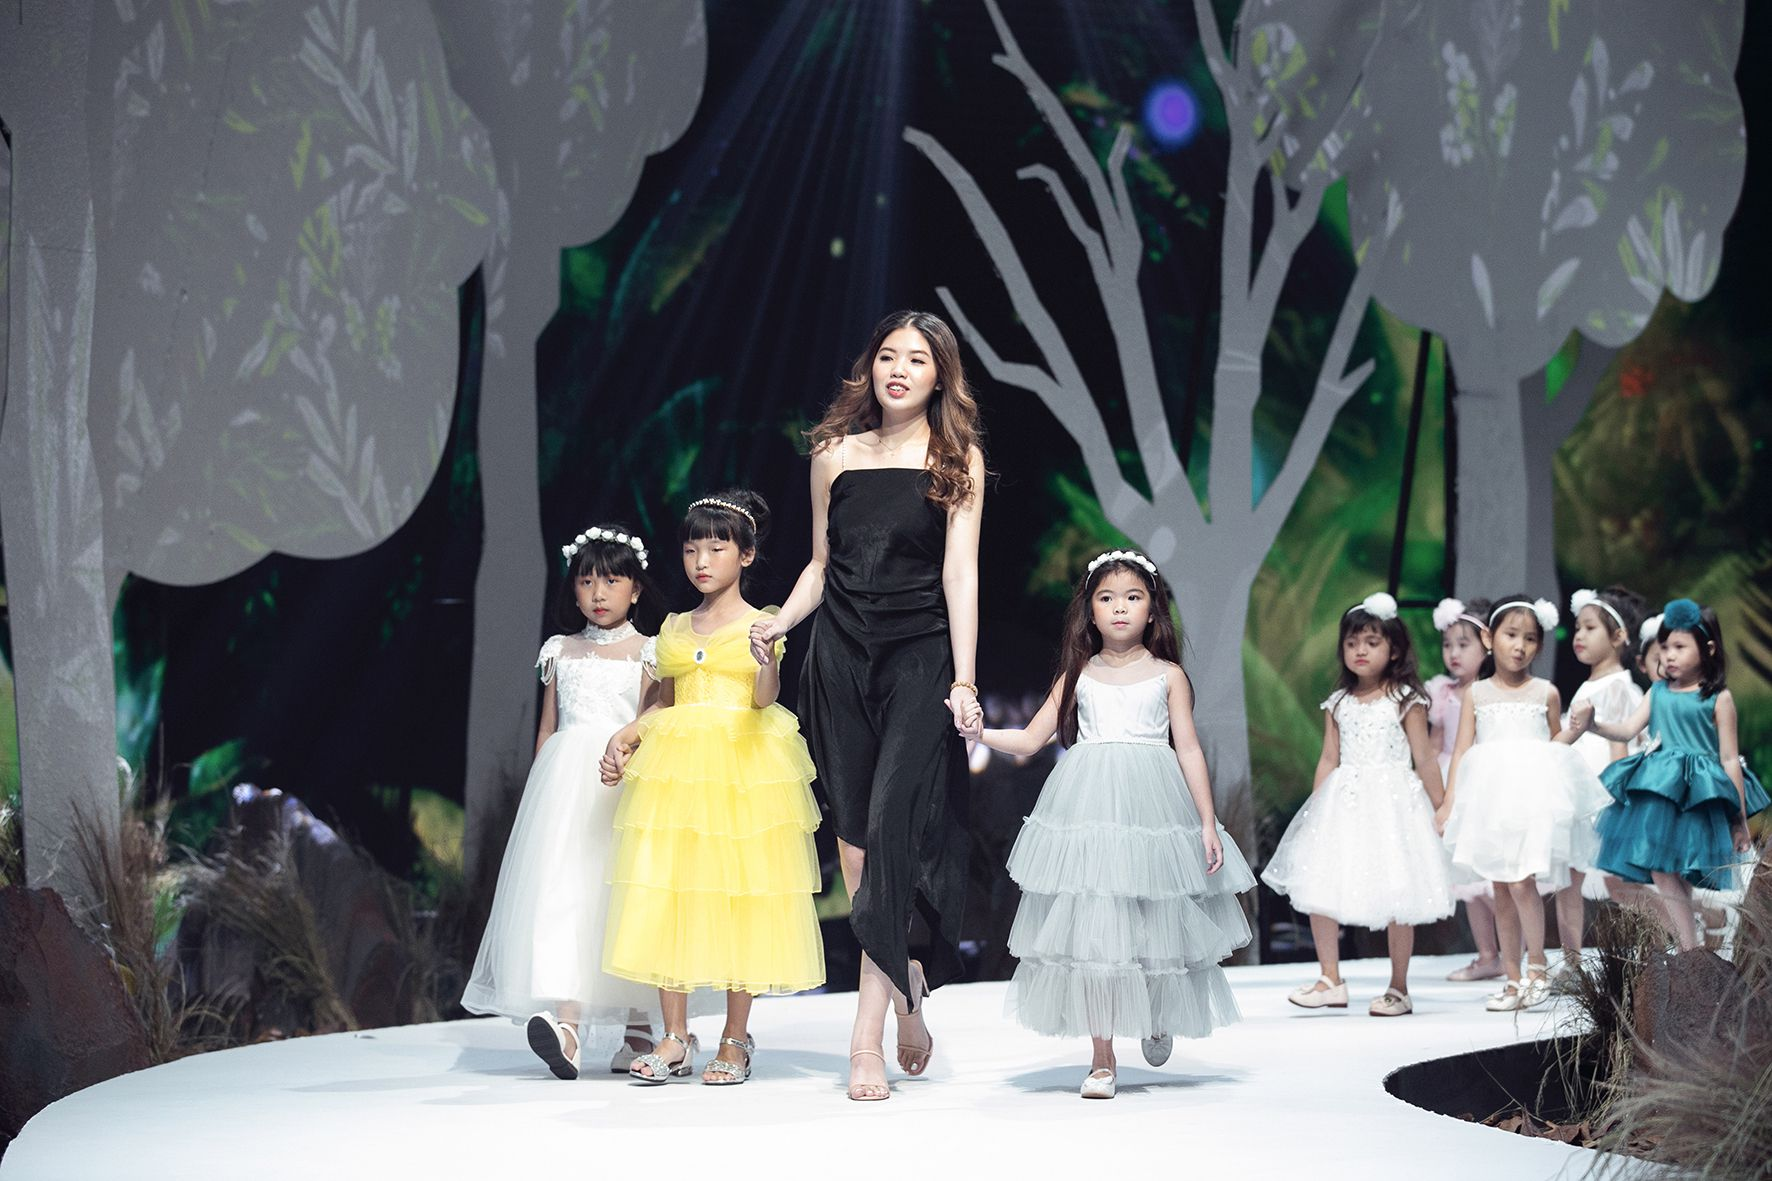 """Lần đầu tiên đưa """"quý tử"""" lên sàn catwalk, vợ chồng Lương Thế Thành - Trúc Diễm khép lại Tuần lễ thời trang trẻ em 2020 - Ảnh 8."""